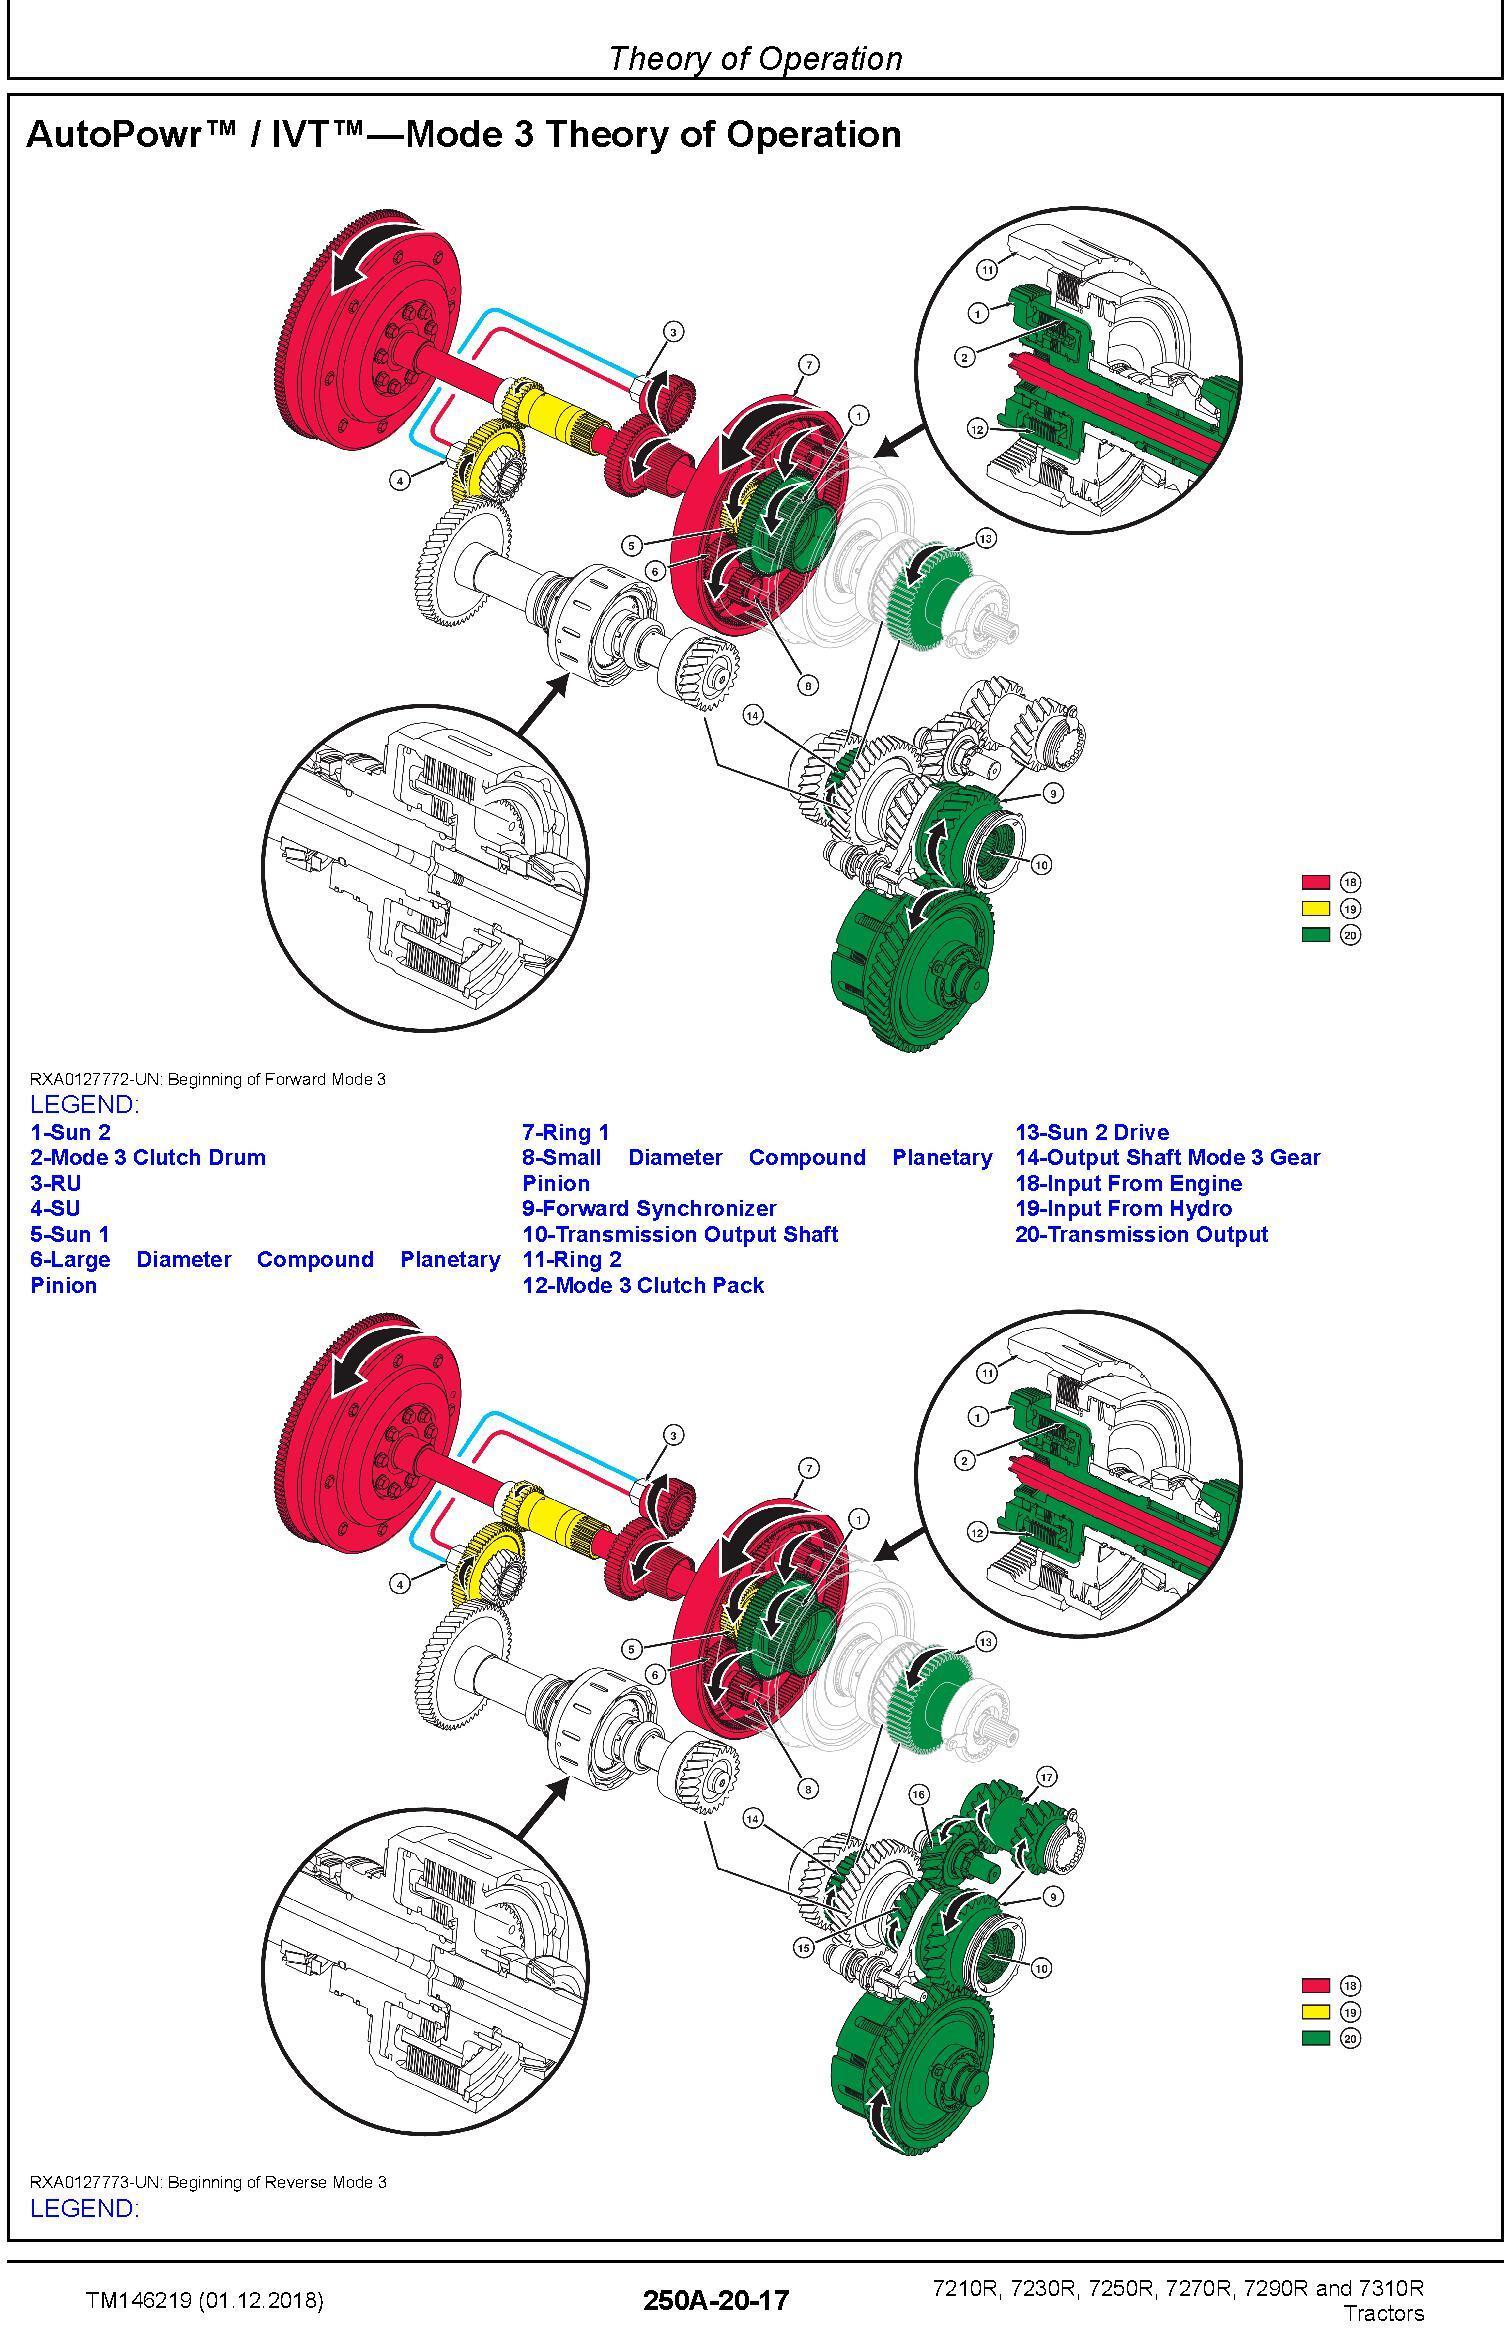 John Deere 7210R, 7230R, 7250R, 7270R, 7290R, 7310R Tractors Diagnostic Technical Manual (TM146219) - 3